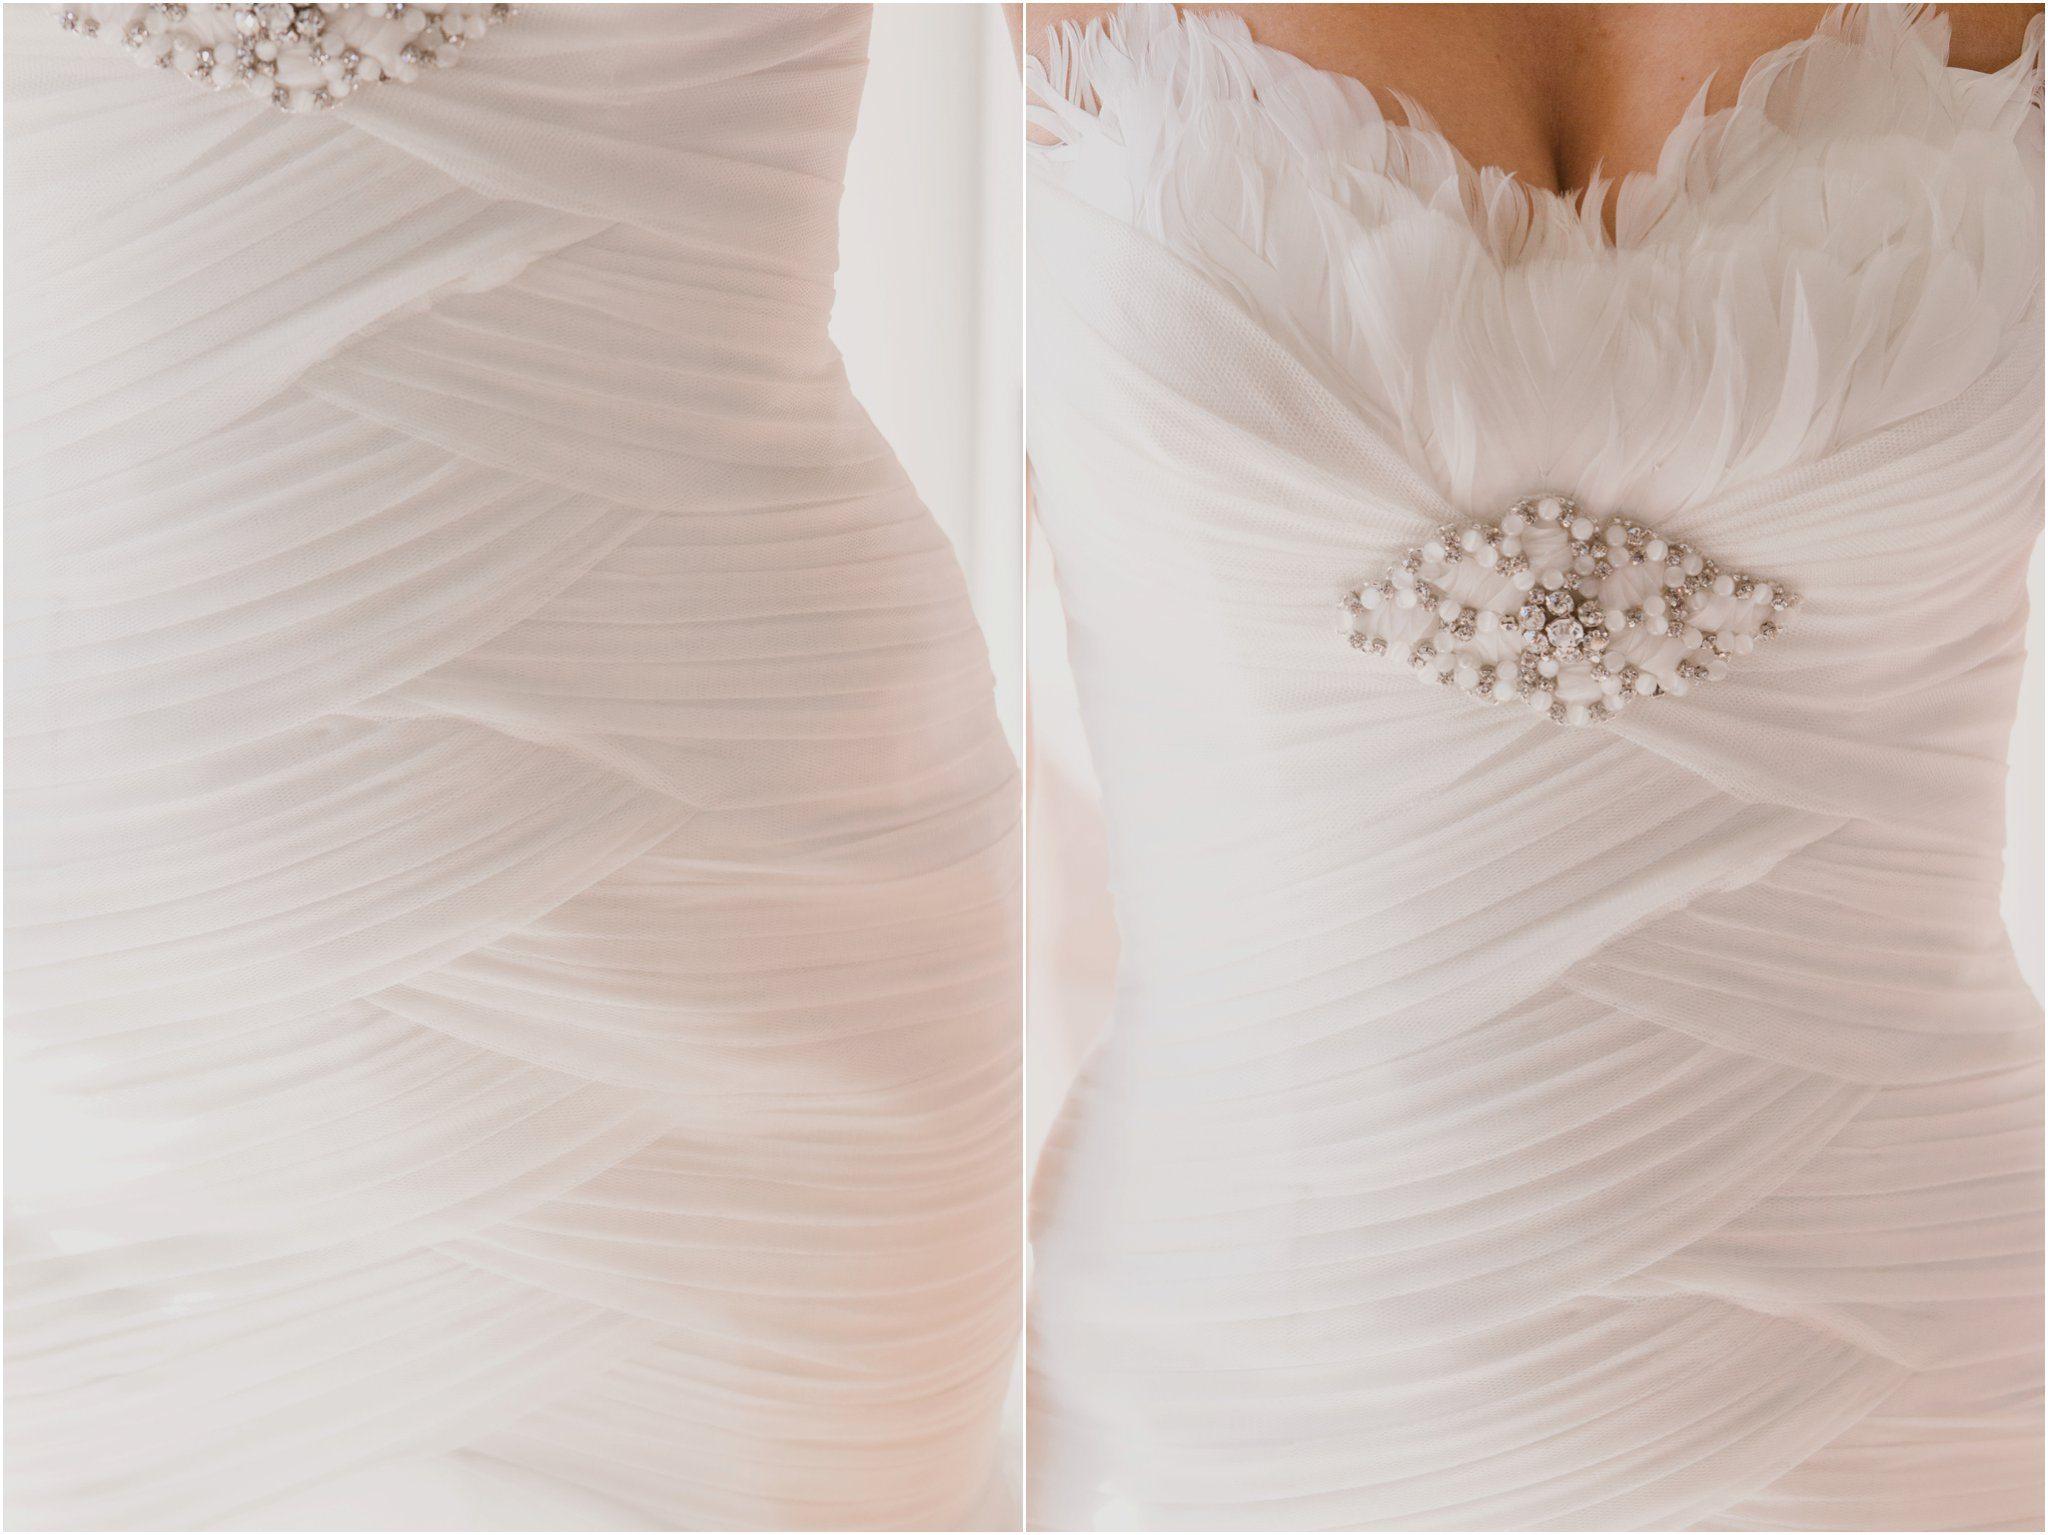 0005Albuquerque _ Santa Fe _ Wedding Photographers _ New Mexico Wedding Photography